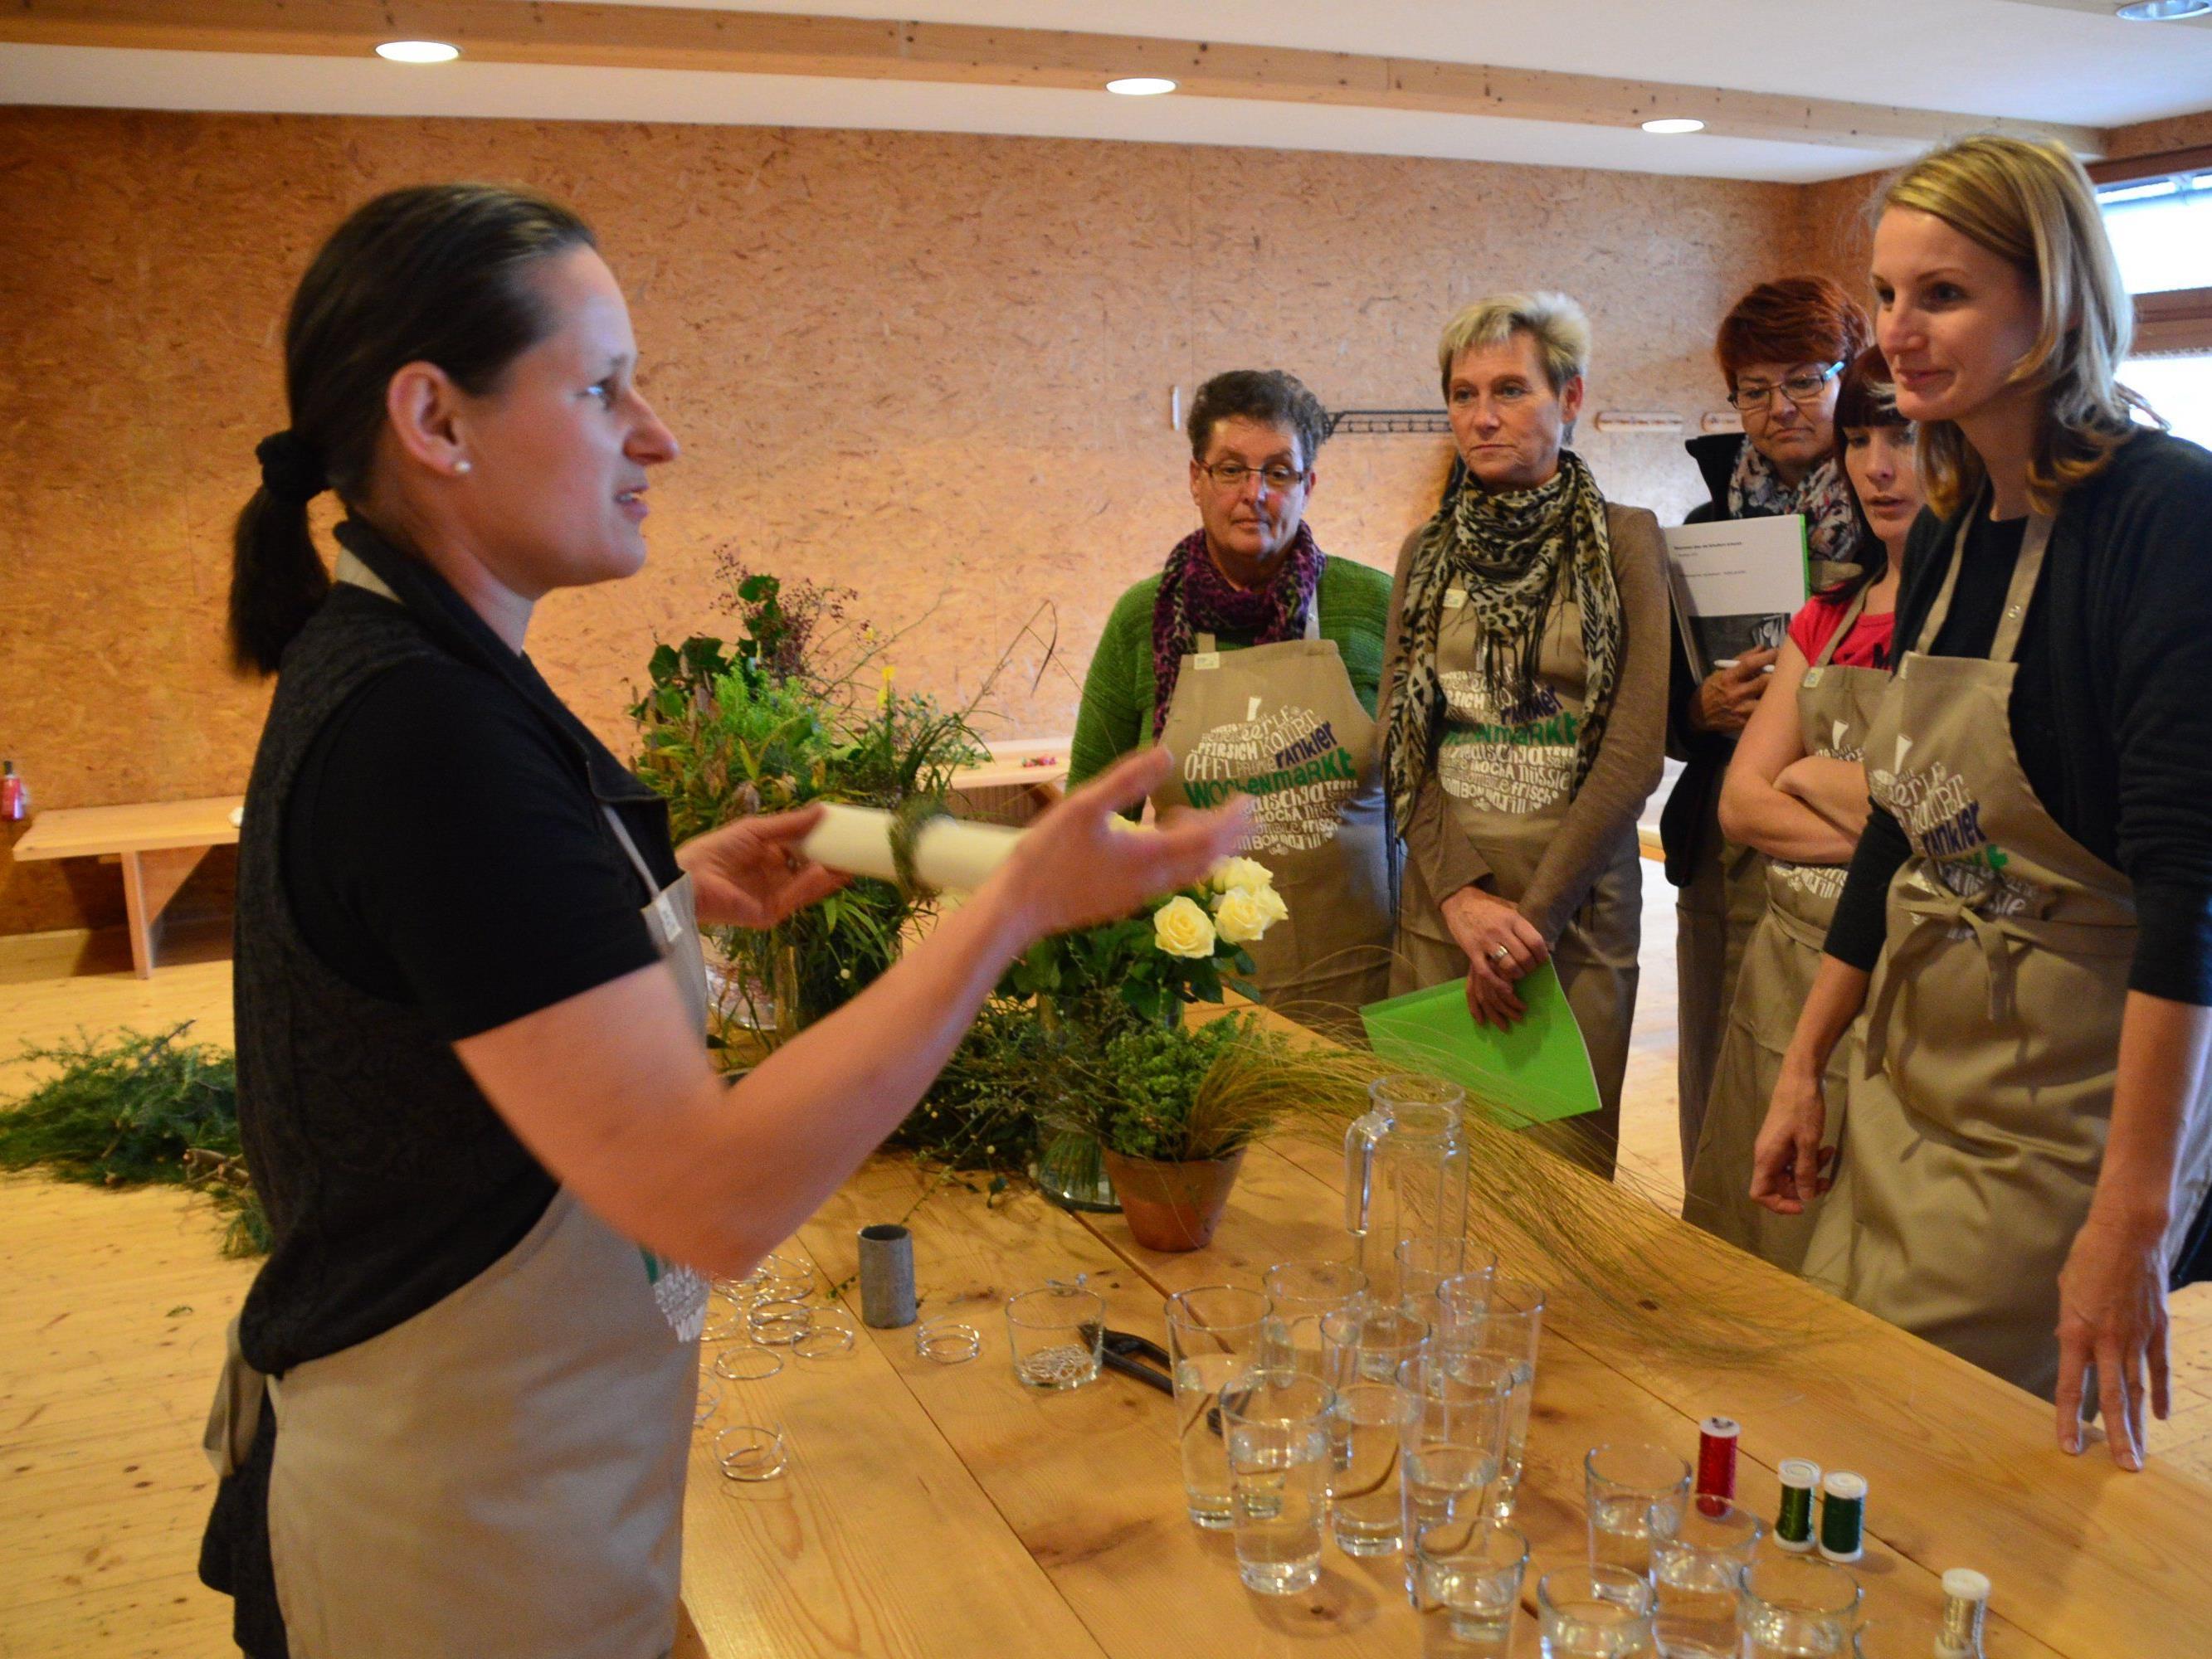 Rankweiler Bäuerinnen zeigten wie man einfache und schmackhafte Gerichte kocht.